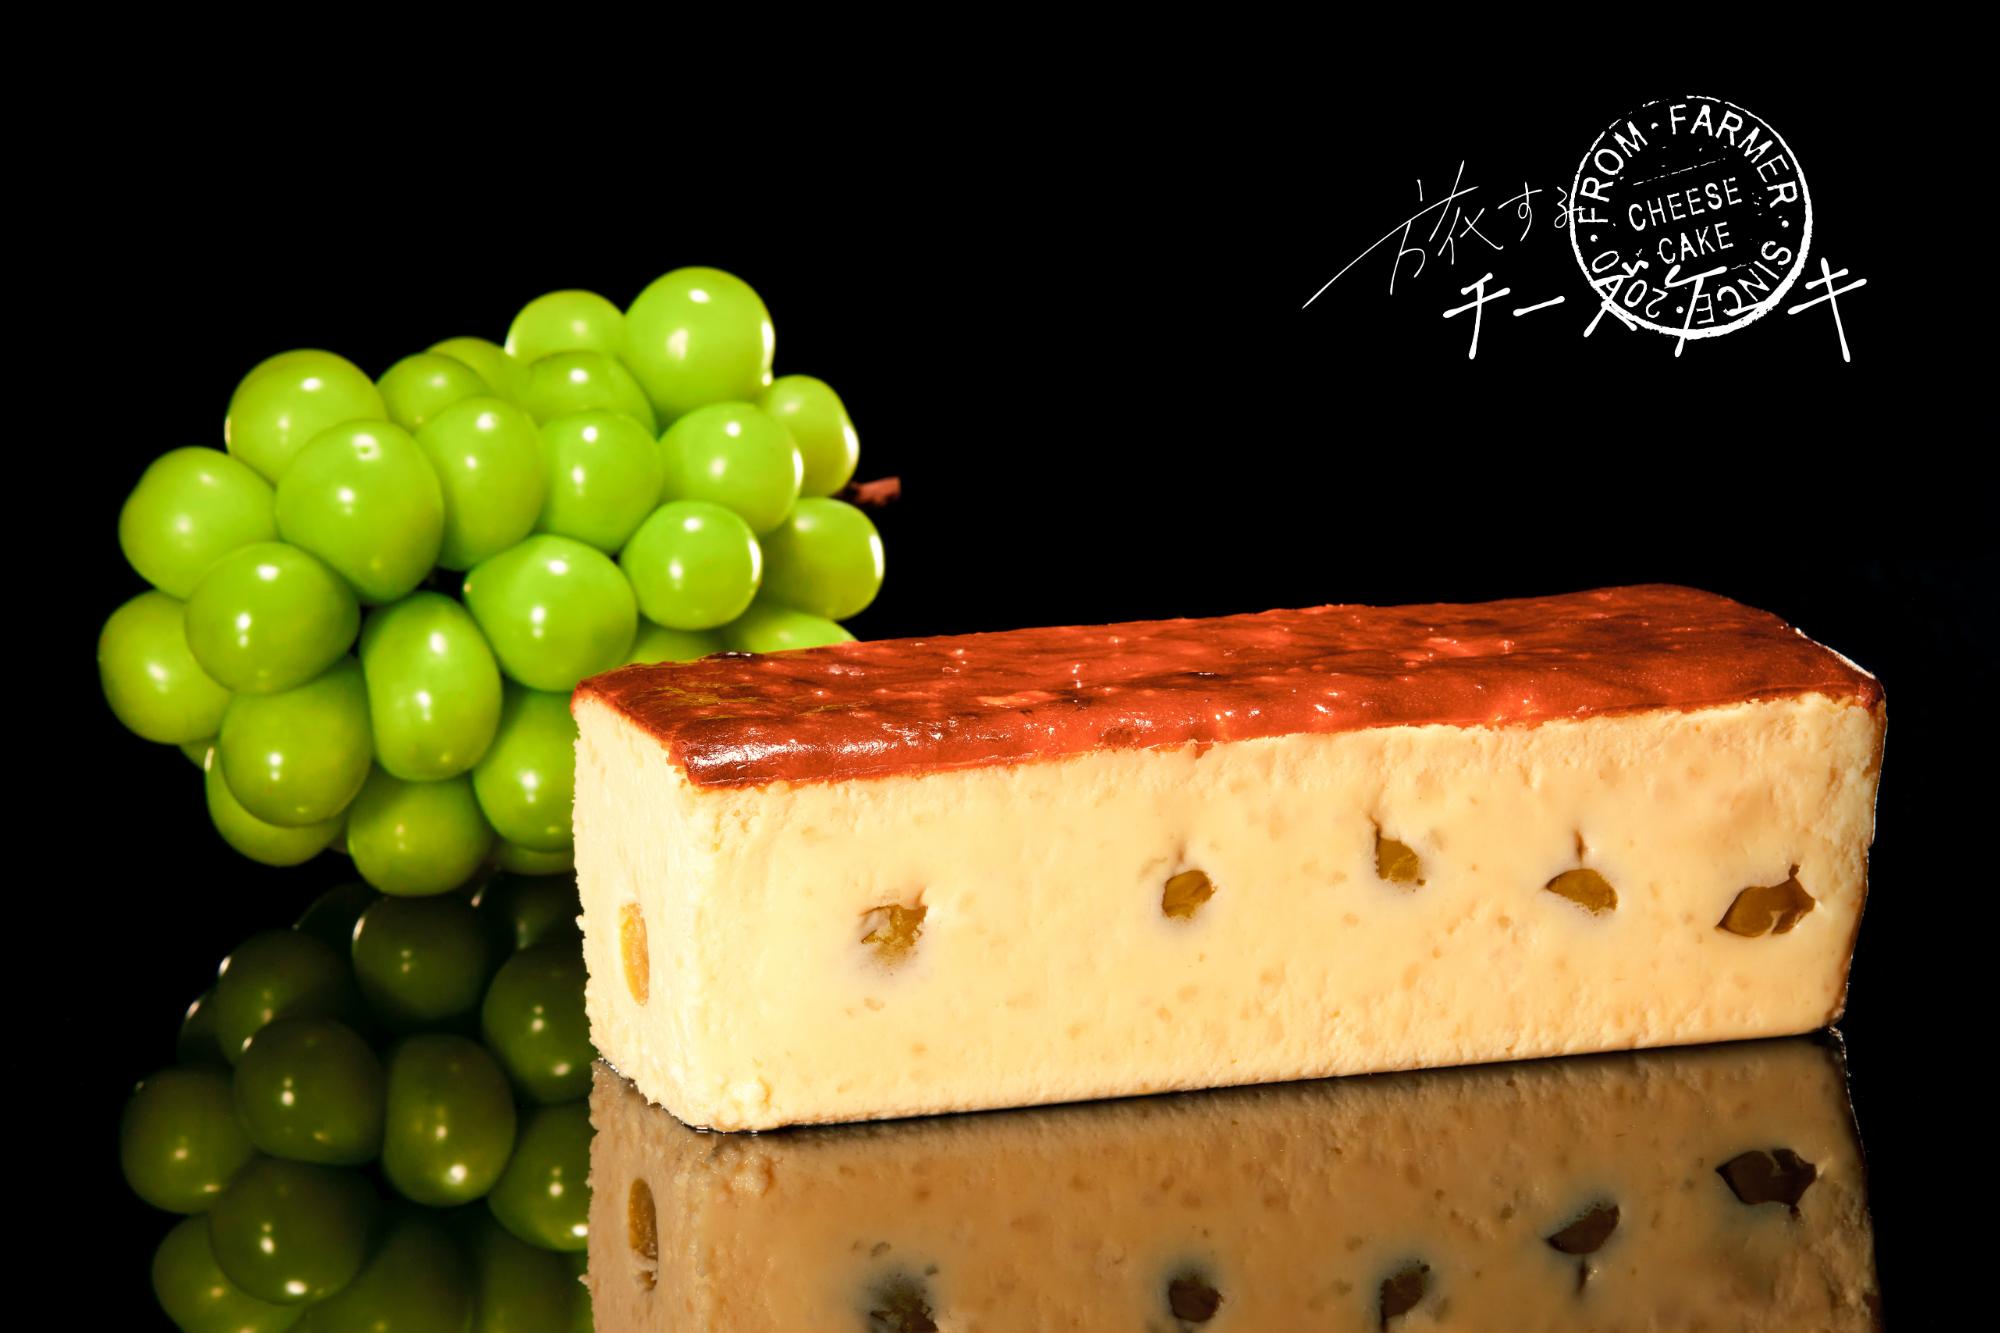 【配送希望の方はこちらから】旅するチーズケーキ fromアグリスジャパン